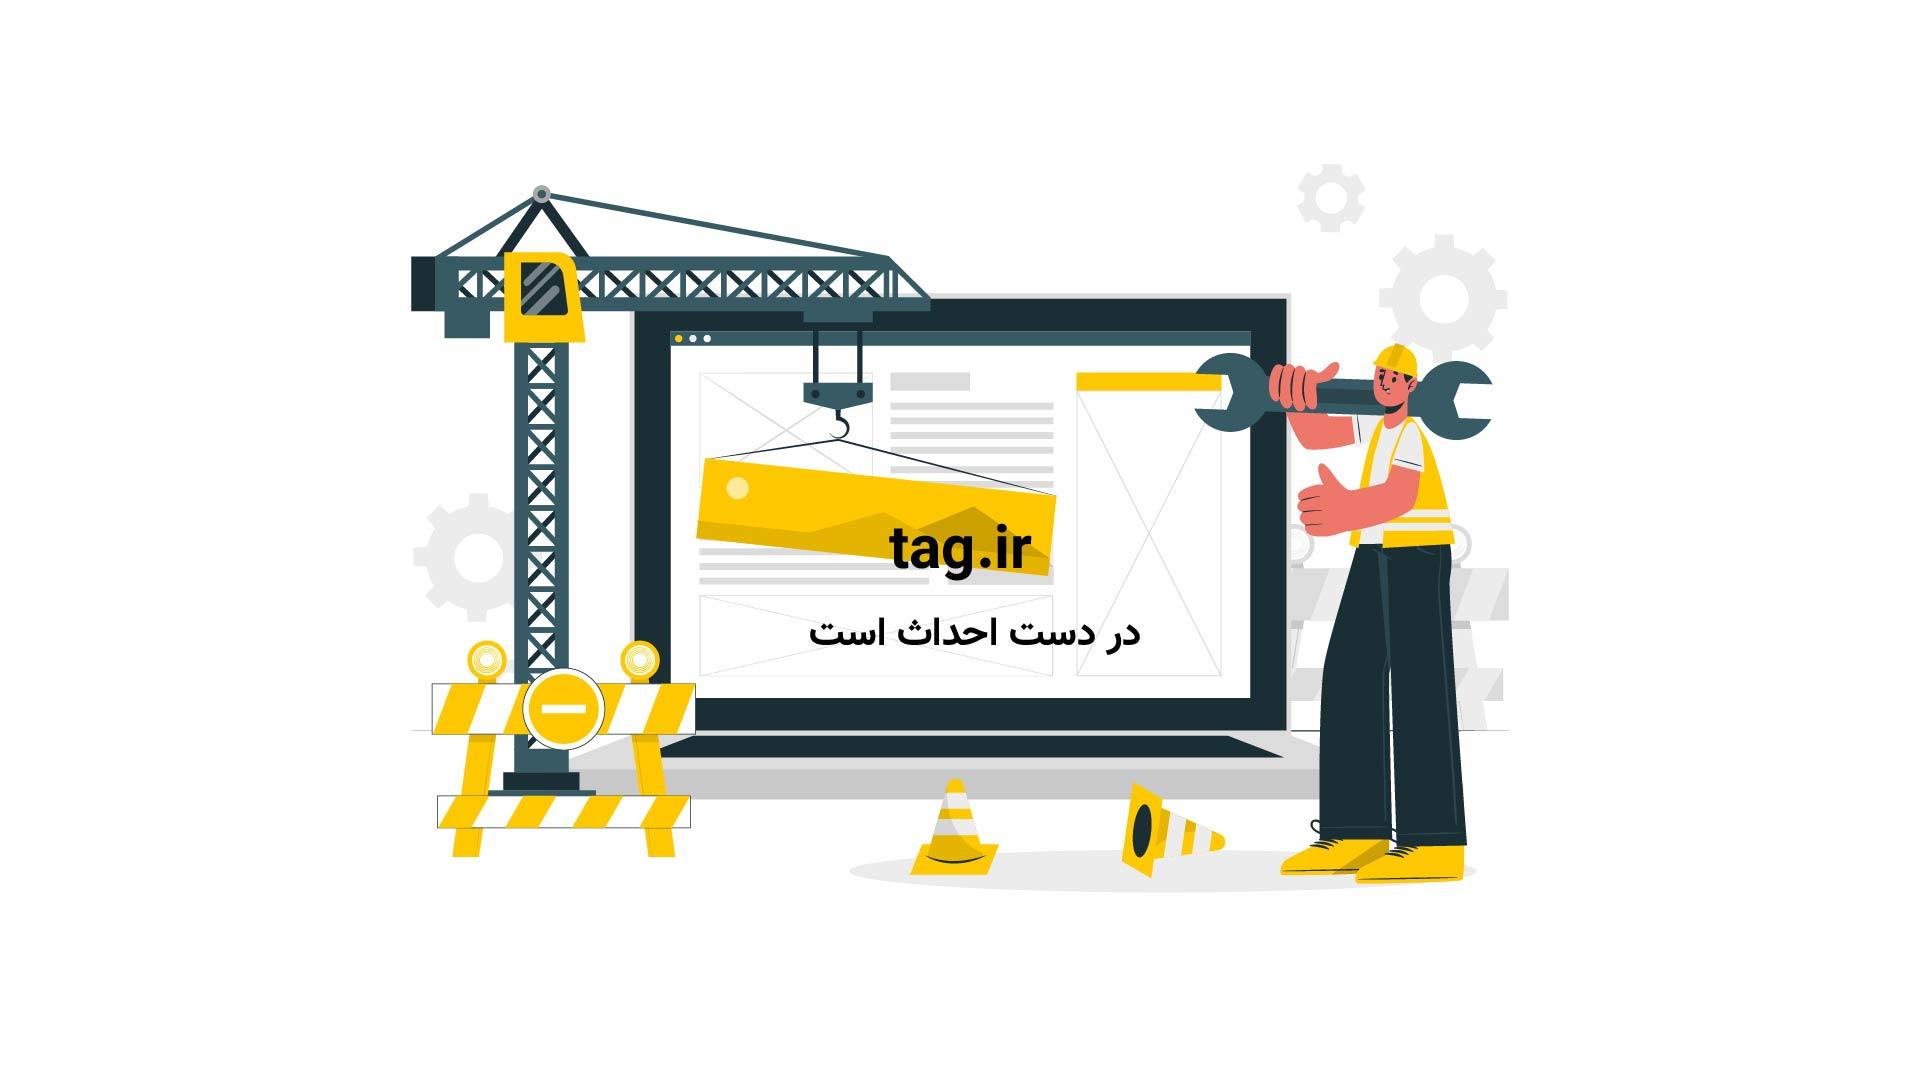 جزیره مصنوعی مروارید از جاذبههای گردشگری قطر | فیلم